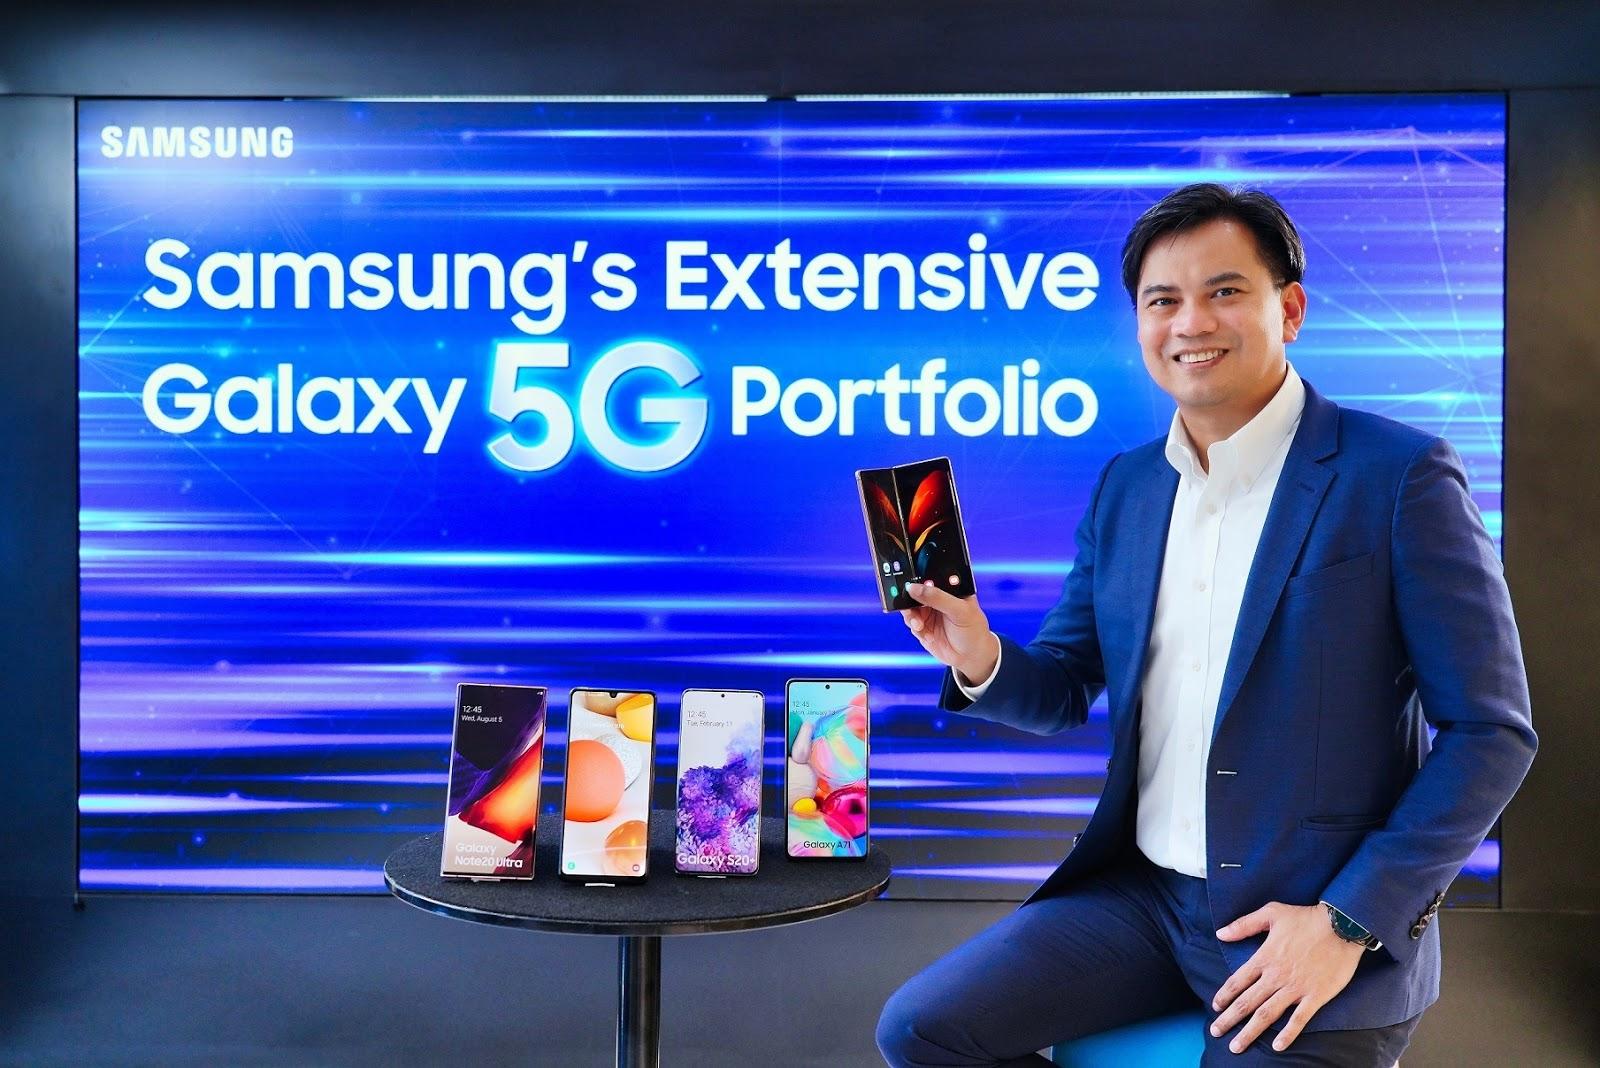 เผยวิสัยทัศน์แม่ทัพใหญ่ Samsung กับการเป็นผู้นำสมาร์ทโฟน 5G ปี 2020 แบรนด์เดียวที่ตอบโจทย์ครบทุกความต้องการของคนไทย